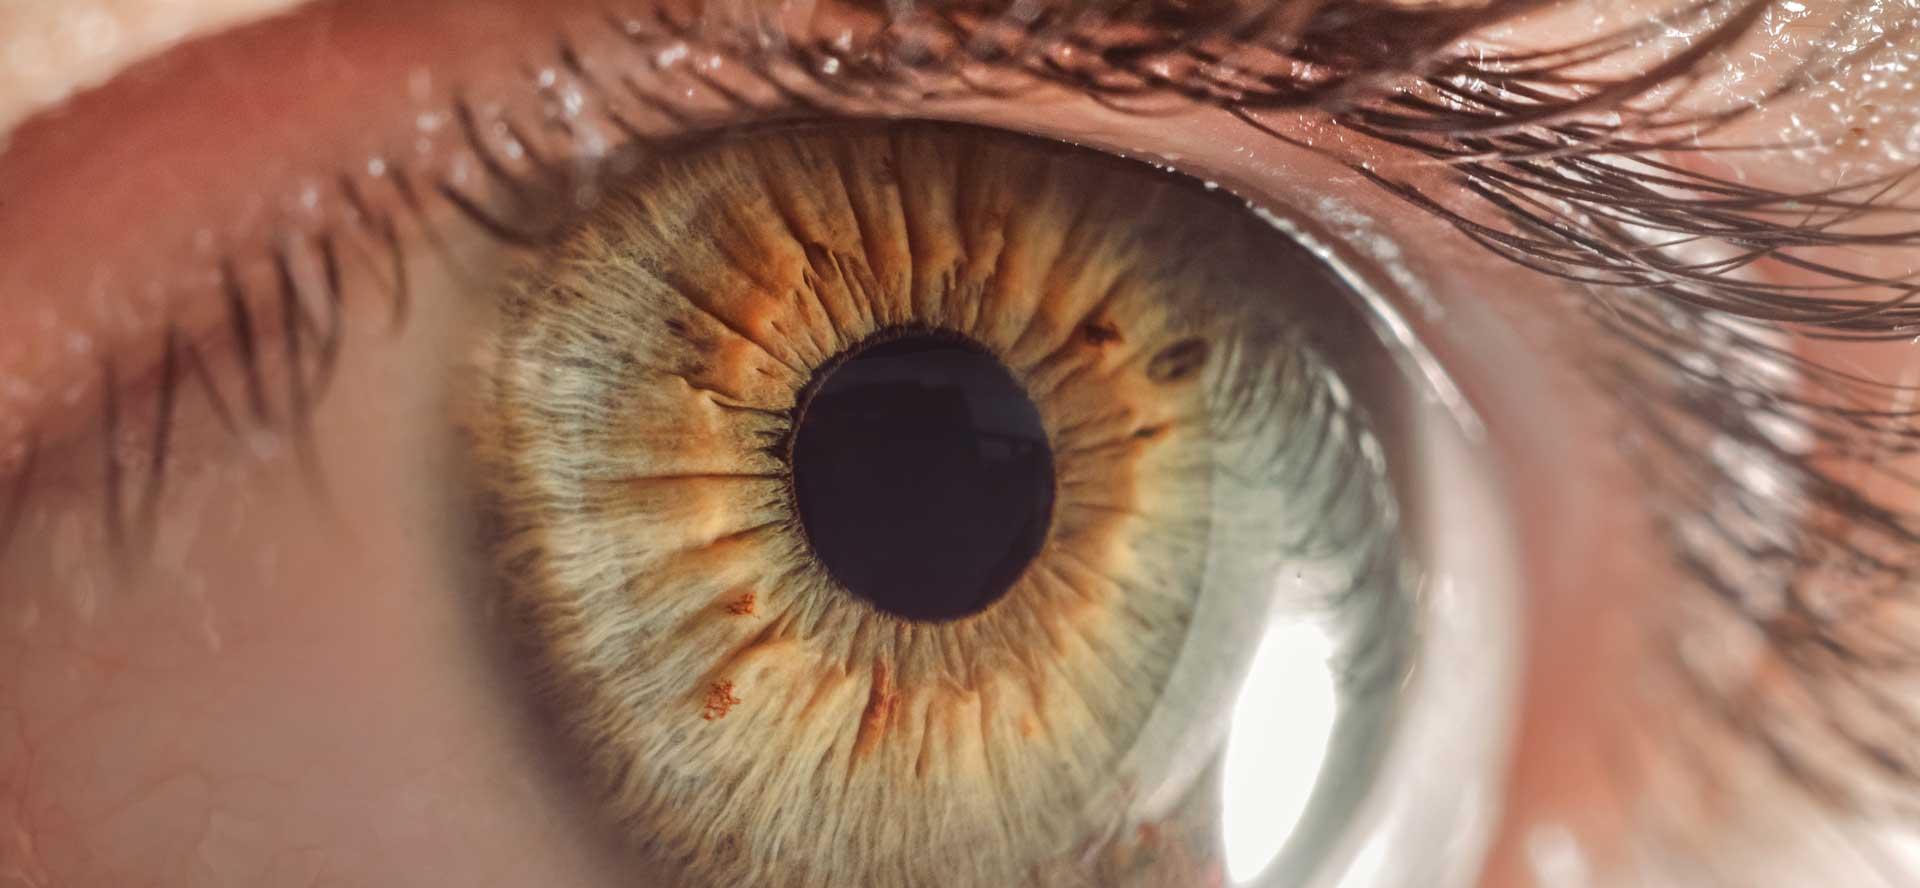 Hipertensión maligna y afectación oftalmológica